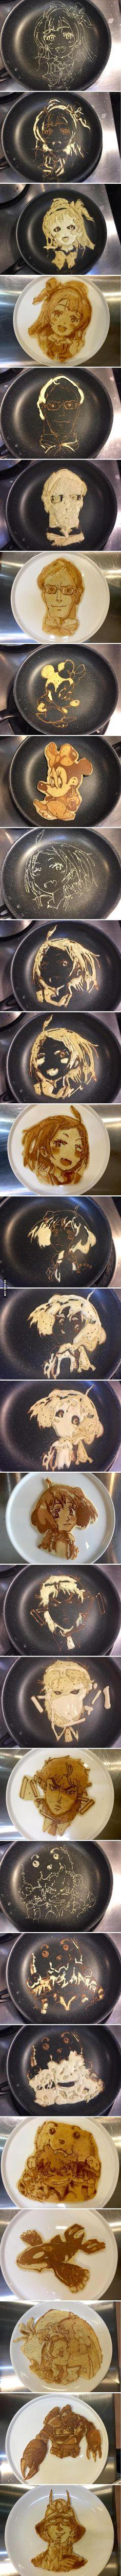 Pancake Art - 9GAG